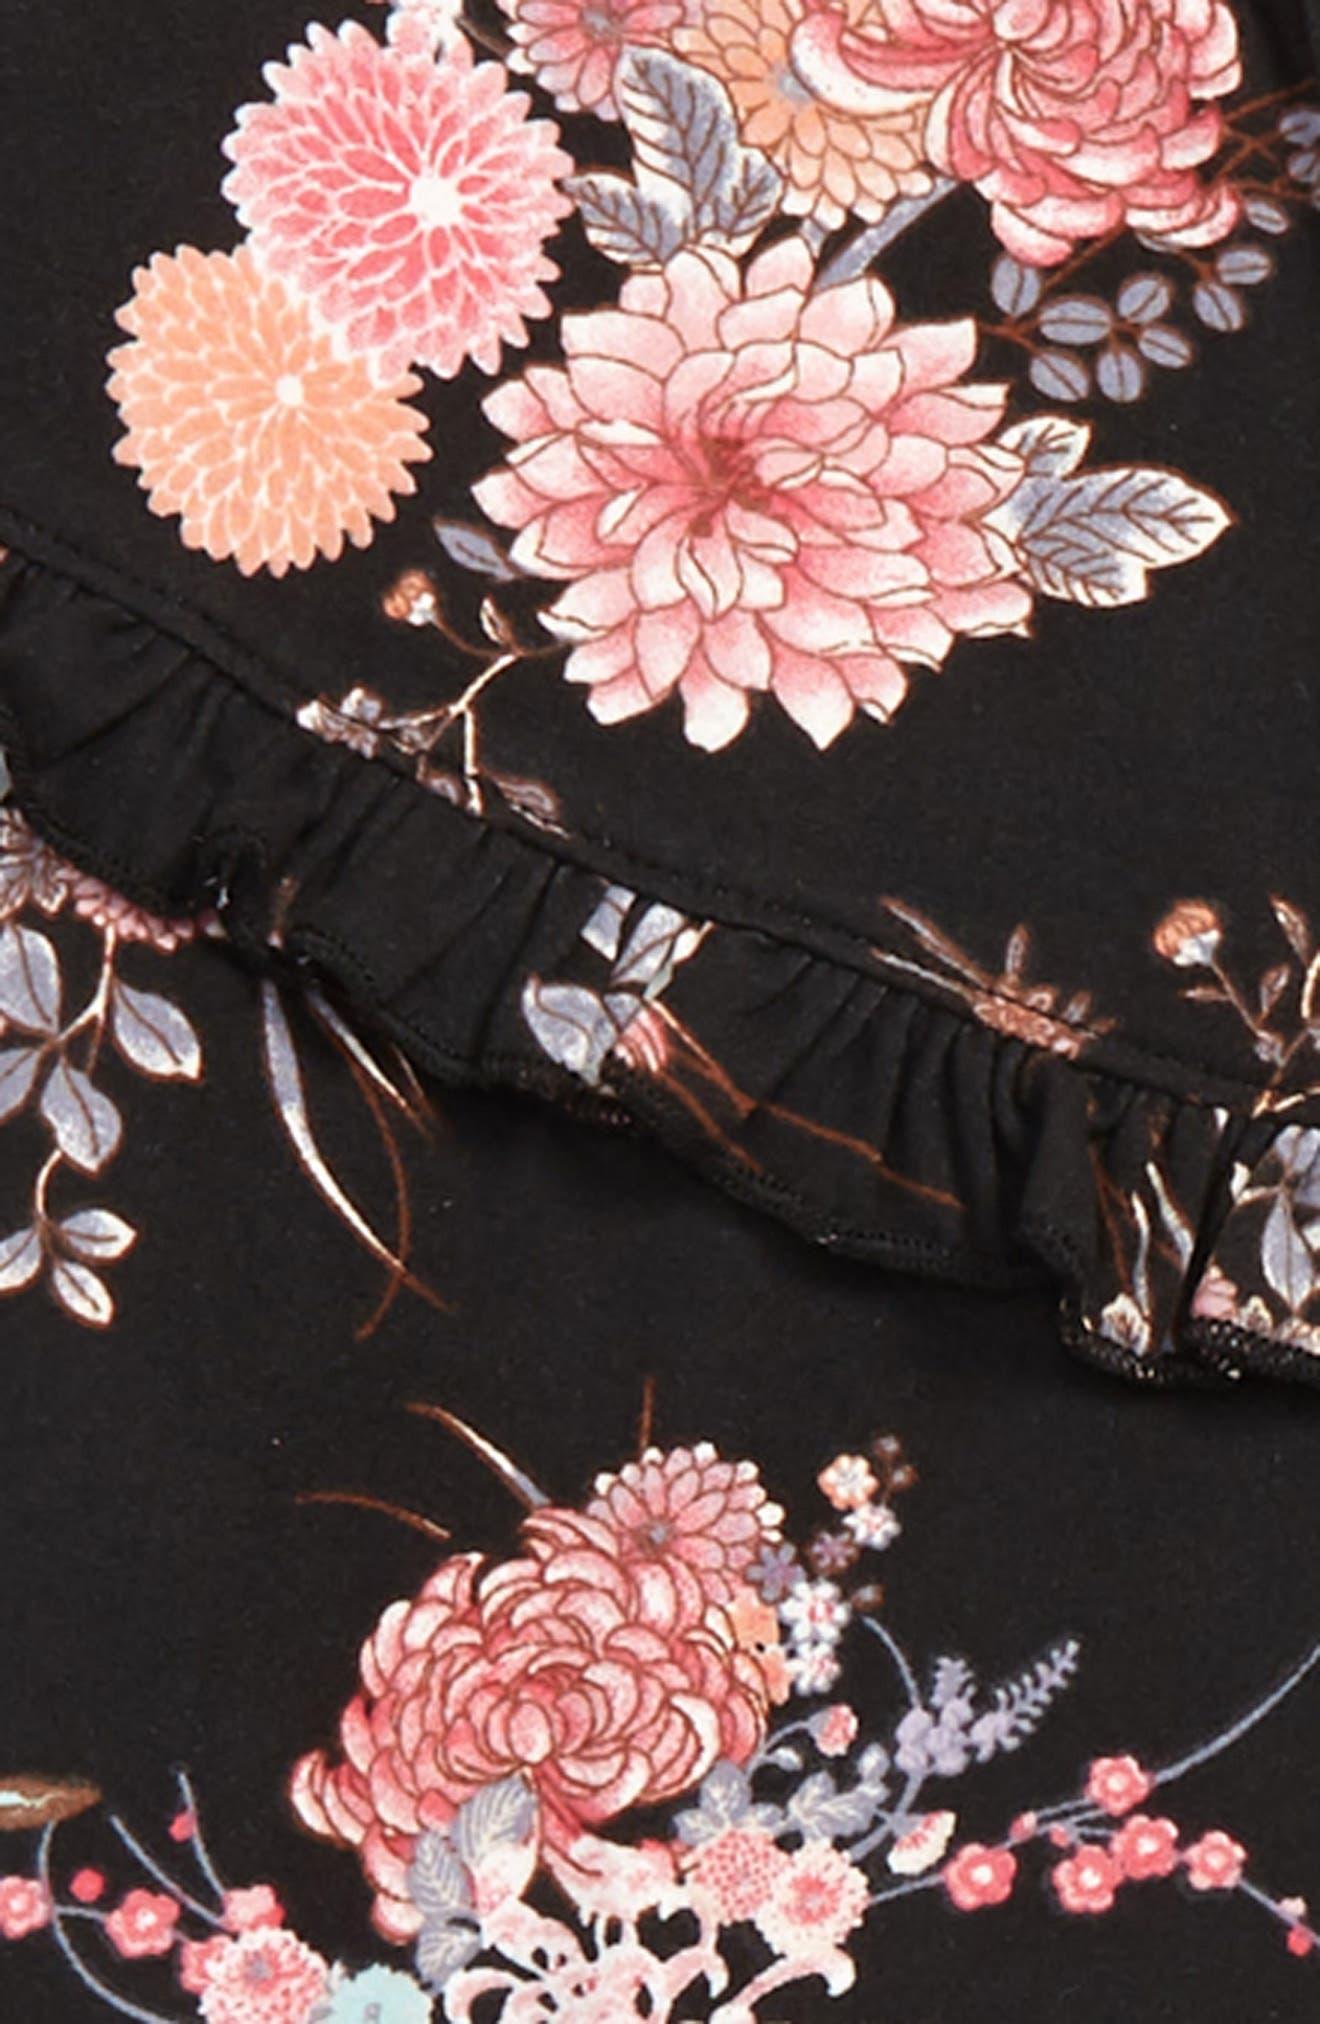 Floral Knit Top,                             Alternate thumbnail 2, color,                             BLACK FLORAL